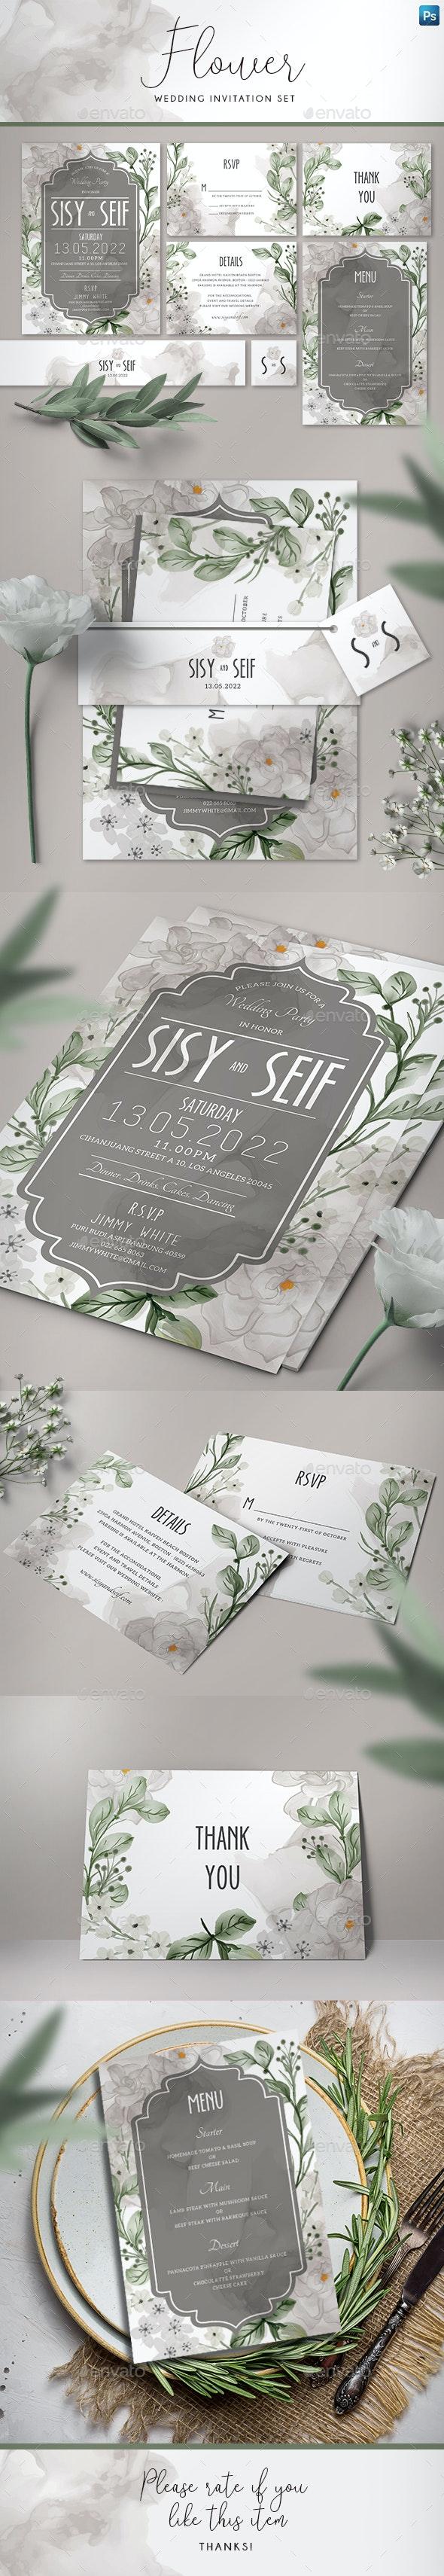 Flower Wedding Invitation Set - Weddings Cards & Invites